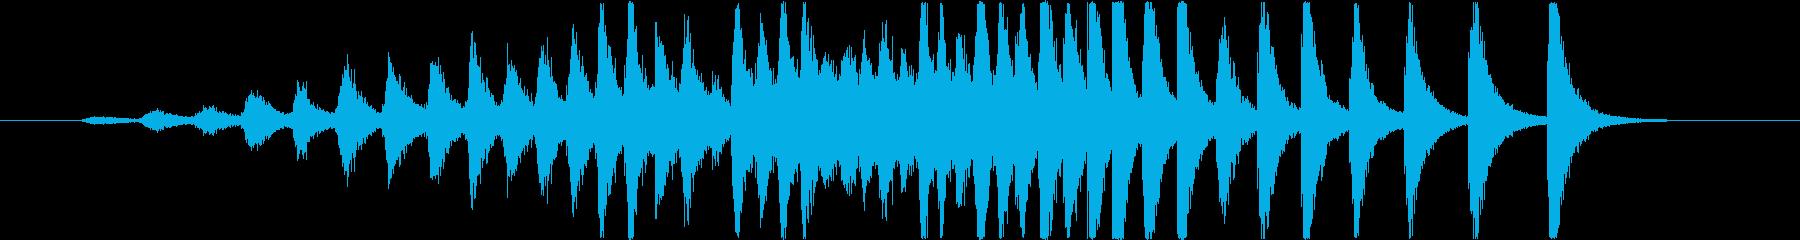 幕開き(銅鑼みたいな音)中距離の再生済みの波形